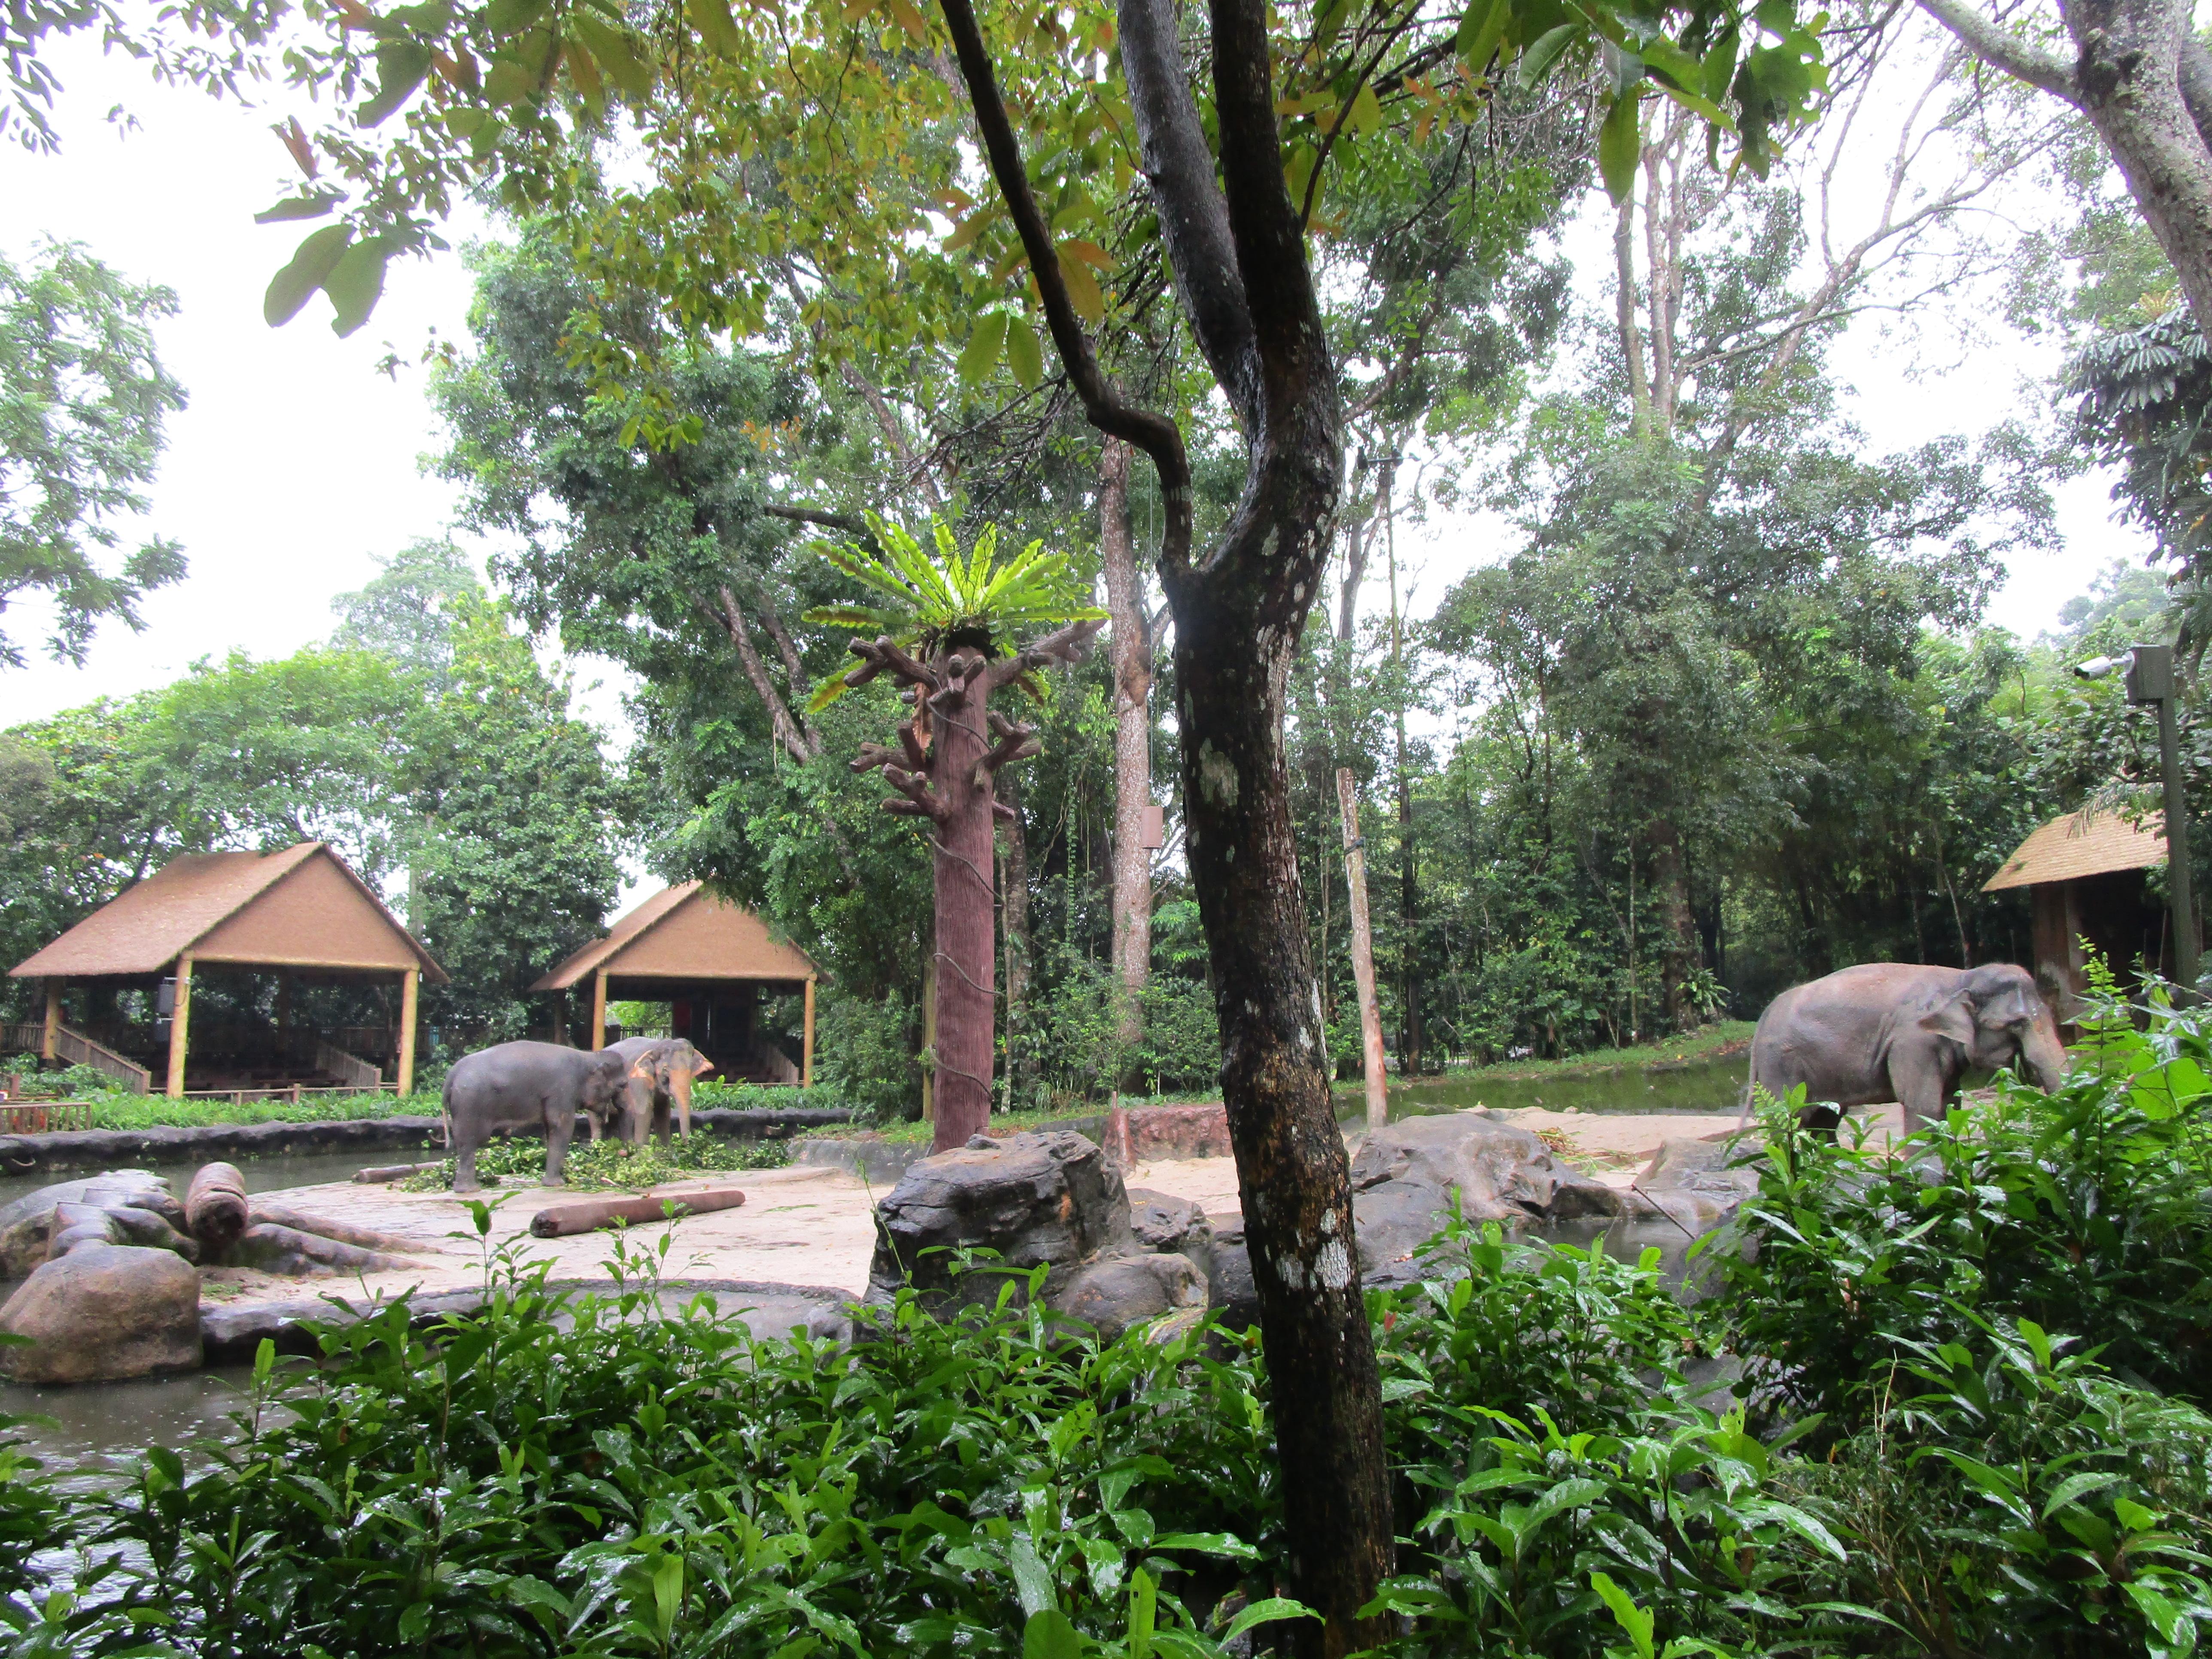 Elephants Singapore Zoo